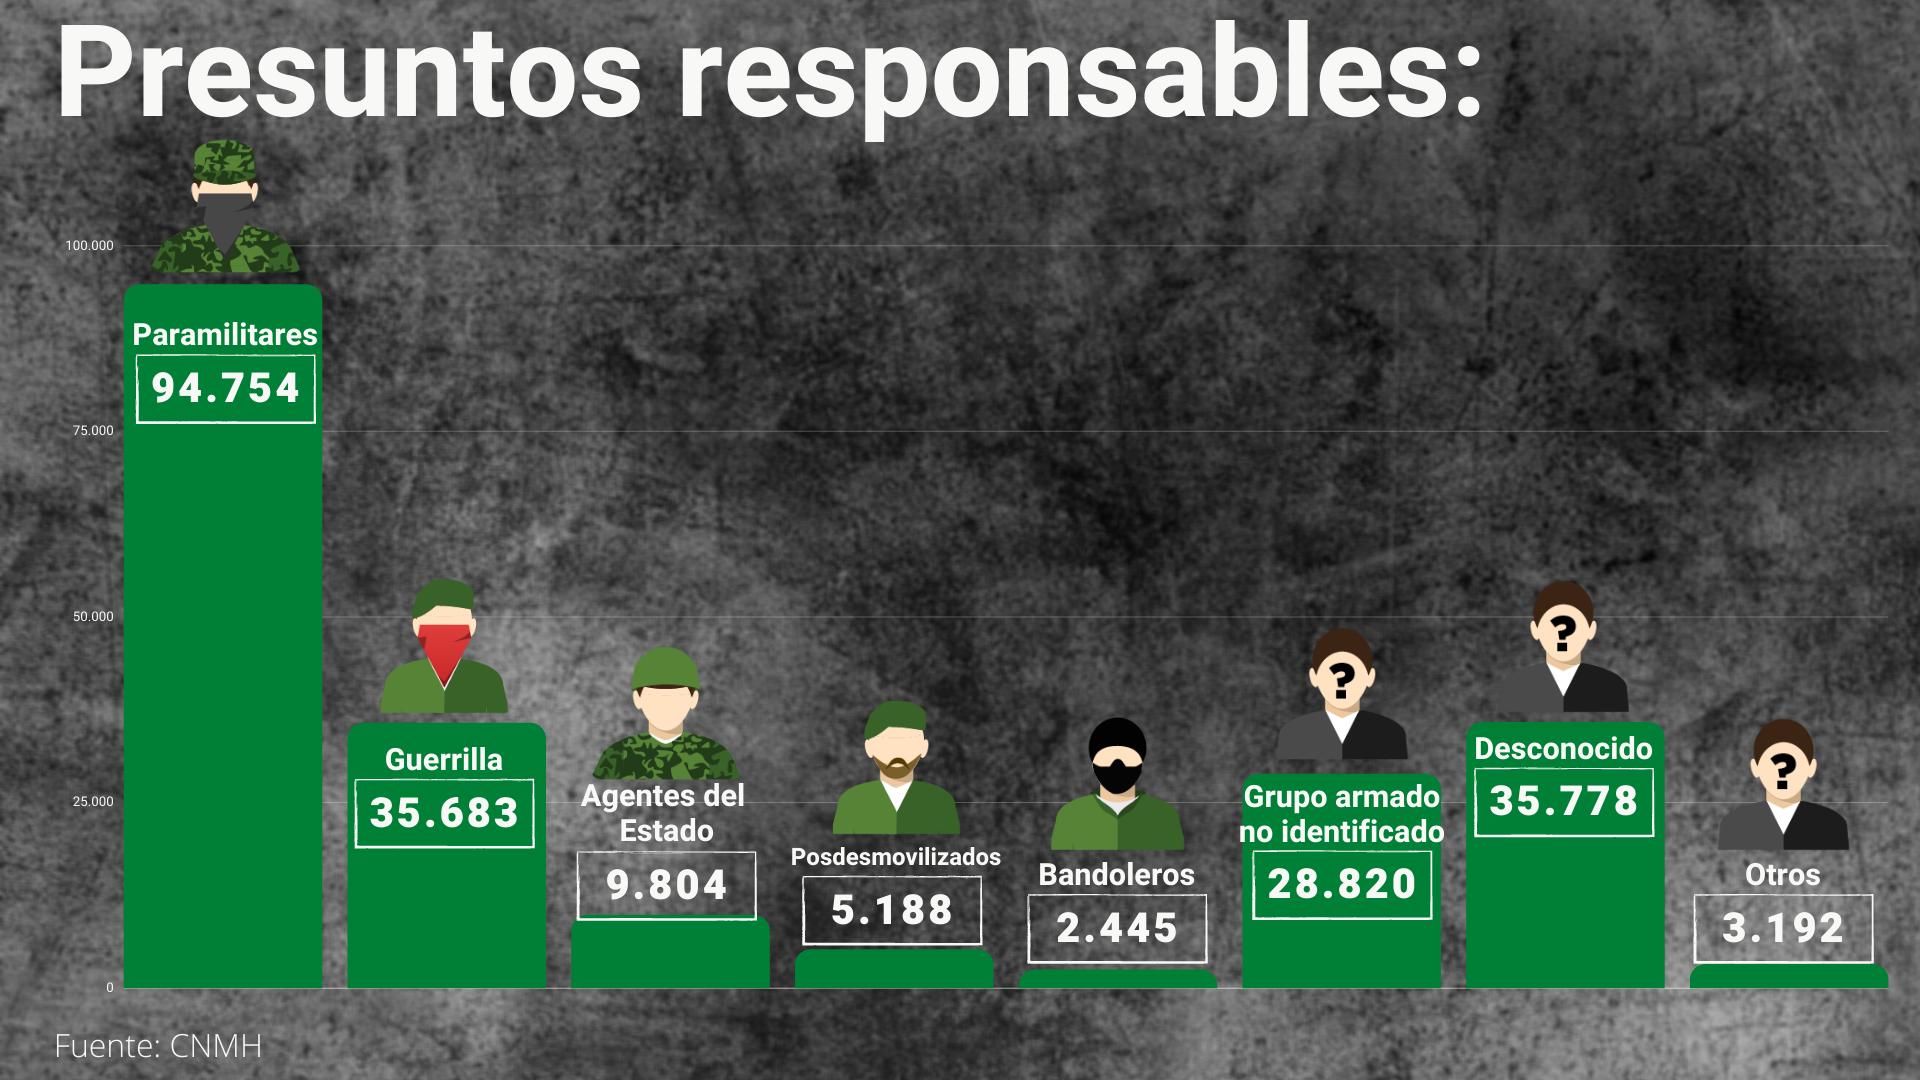 Grupos responsables de las muertes durante el conflicto armado en Colombia.